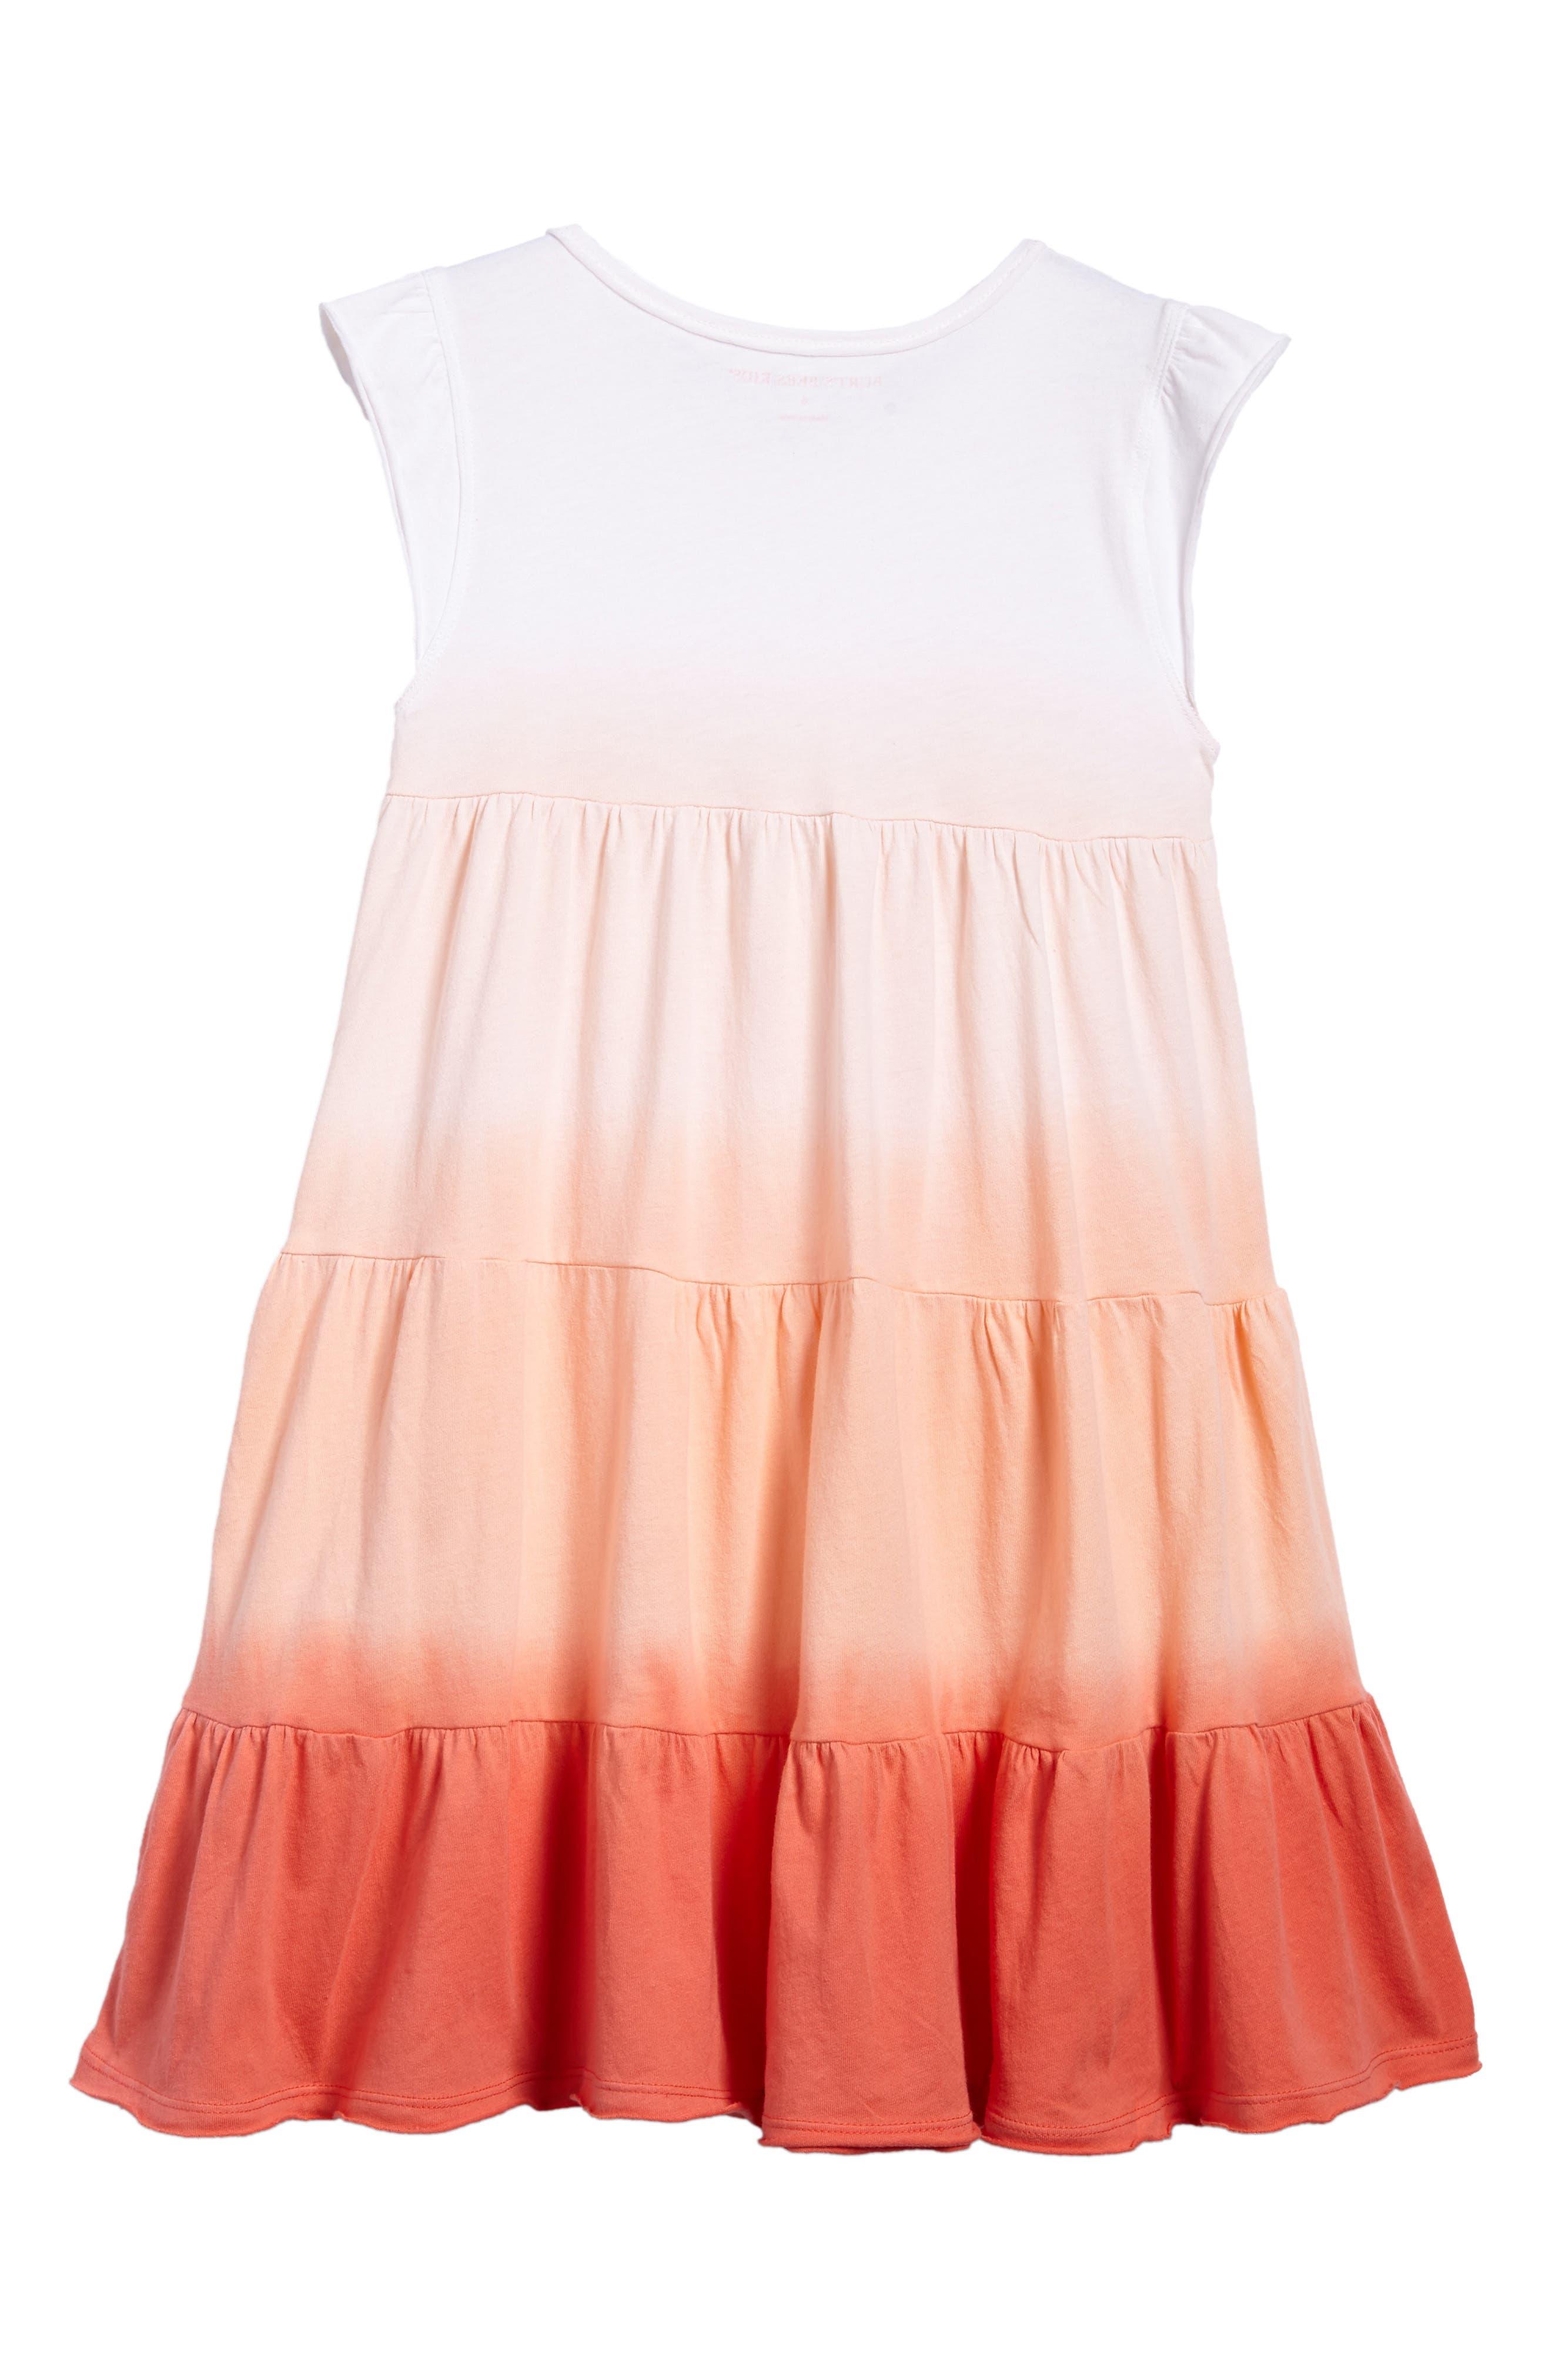 Alternate Image 2  - Burt's Bees Baby Dip Dye Organic Cotton Dress (Toddler Girls & Little Girls)